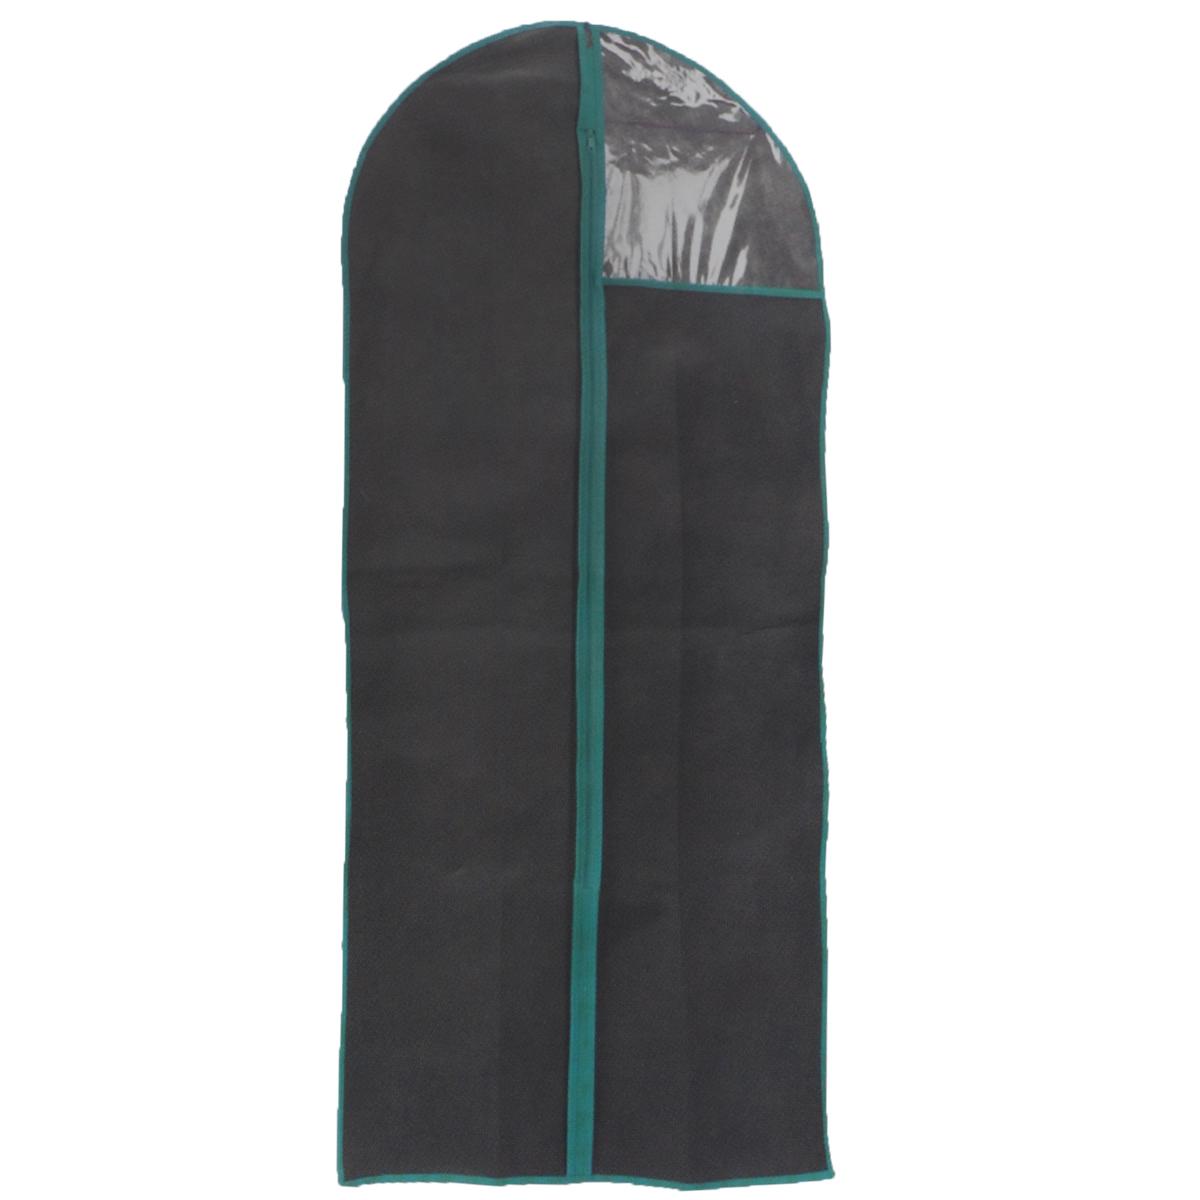 Чехол для одежды, цвет: черный, 60 см х 90 смFS-6502S-WЧехол для одежды изготовлен из высококачественного нетканого материала. Особое строение полотна создает естественную вентиляцию: материал дышит и позволяет воздуху свободно проникать внутрь чехла, не пропуская пыль. Благодаря форме чехла, одежда не мнется даже при длительном хранении. Застегивается на молнию. Окошко из пластика позволяет видеть, какие вещи находятся внутри. Чехол для одежды будет очень полезен при транспортировке вещей на близкие и дальние расстояния, при длительном хранении сезонной одежды, а также при ежедневном хранении вещей из деликатных тканей. Чехол для одежды не только защитит ваши вещи от пыли и влаги, но и поможет доставить одежду на любое мероприятие в идеальном состоянии.